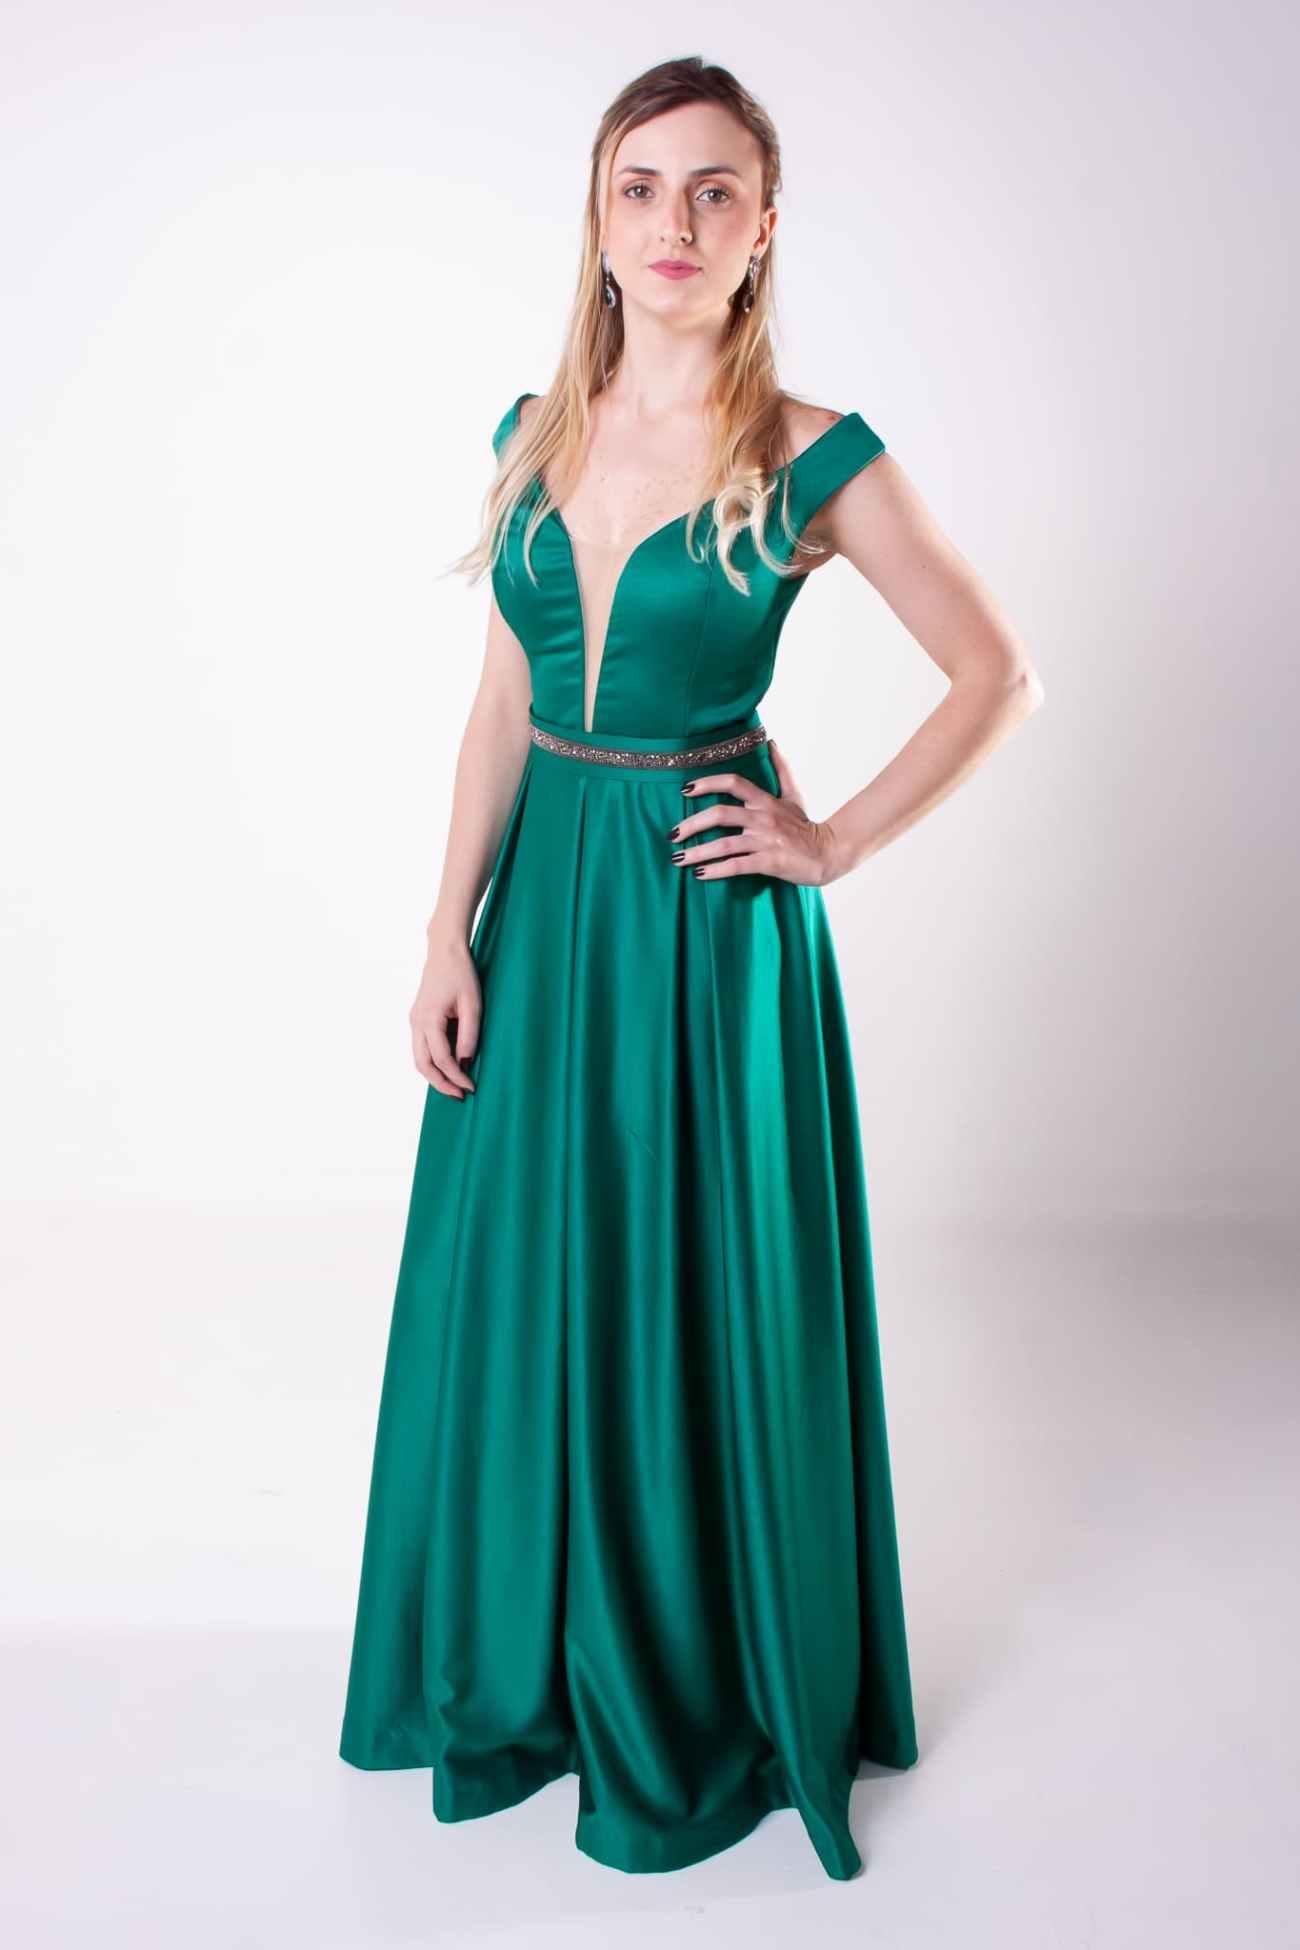 67 - Vestido verde com cintinho